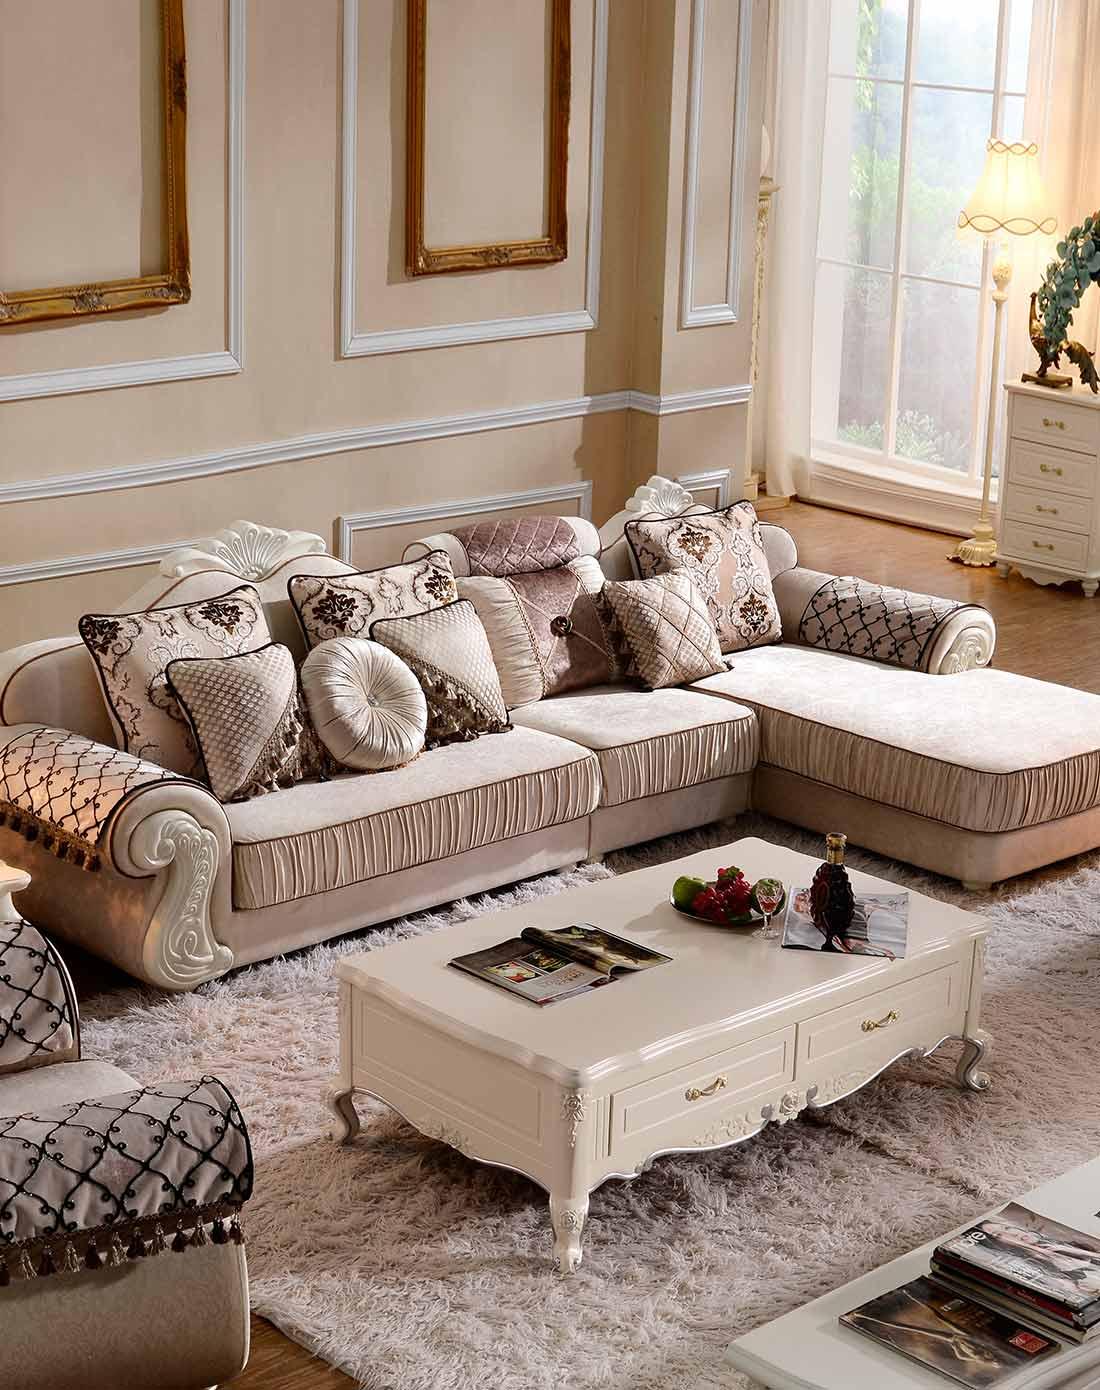 简约欧式沙发组合布艺 下单选贵妃